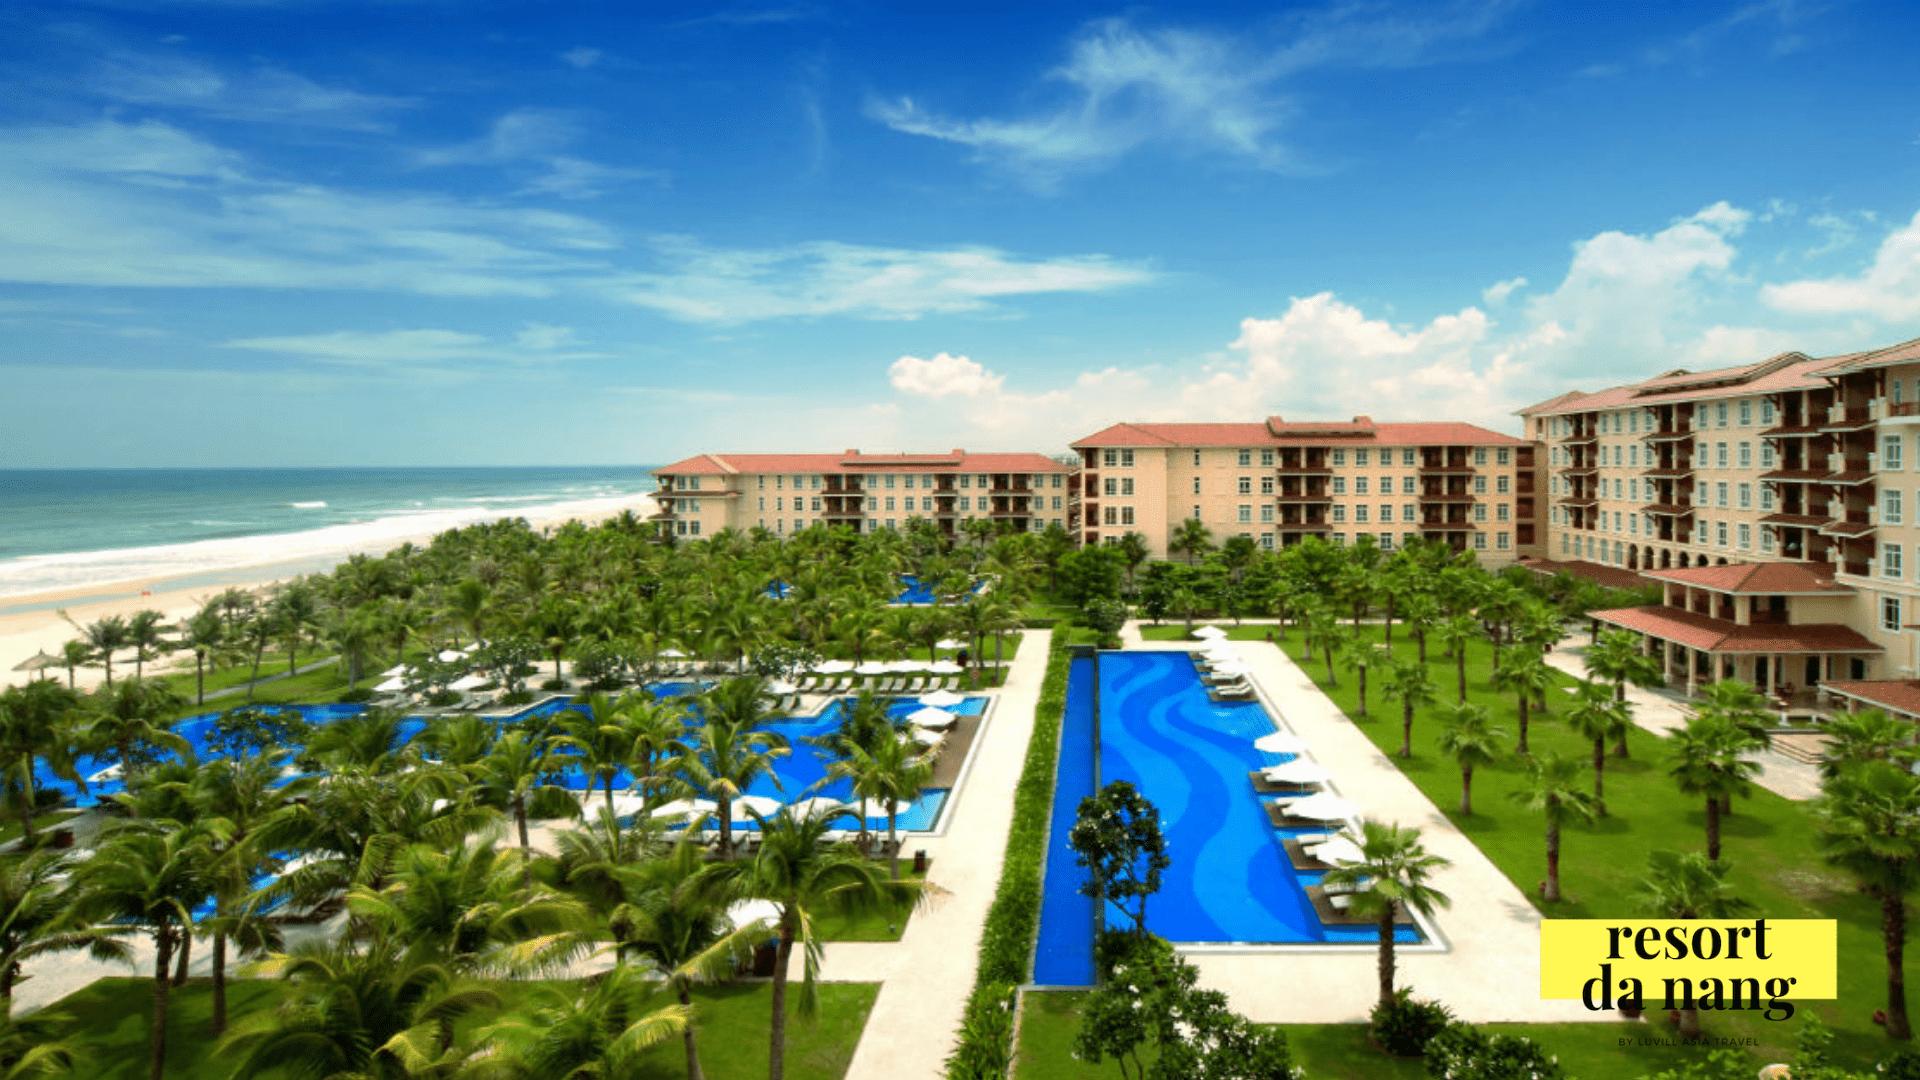 Chuỗi nghỉ dưỡng 5 sao tại Vinpearl Luxury Đà Nẵng